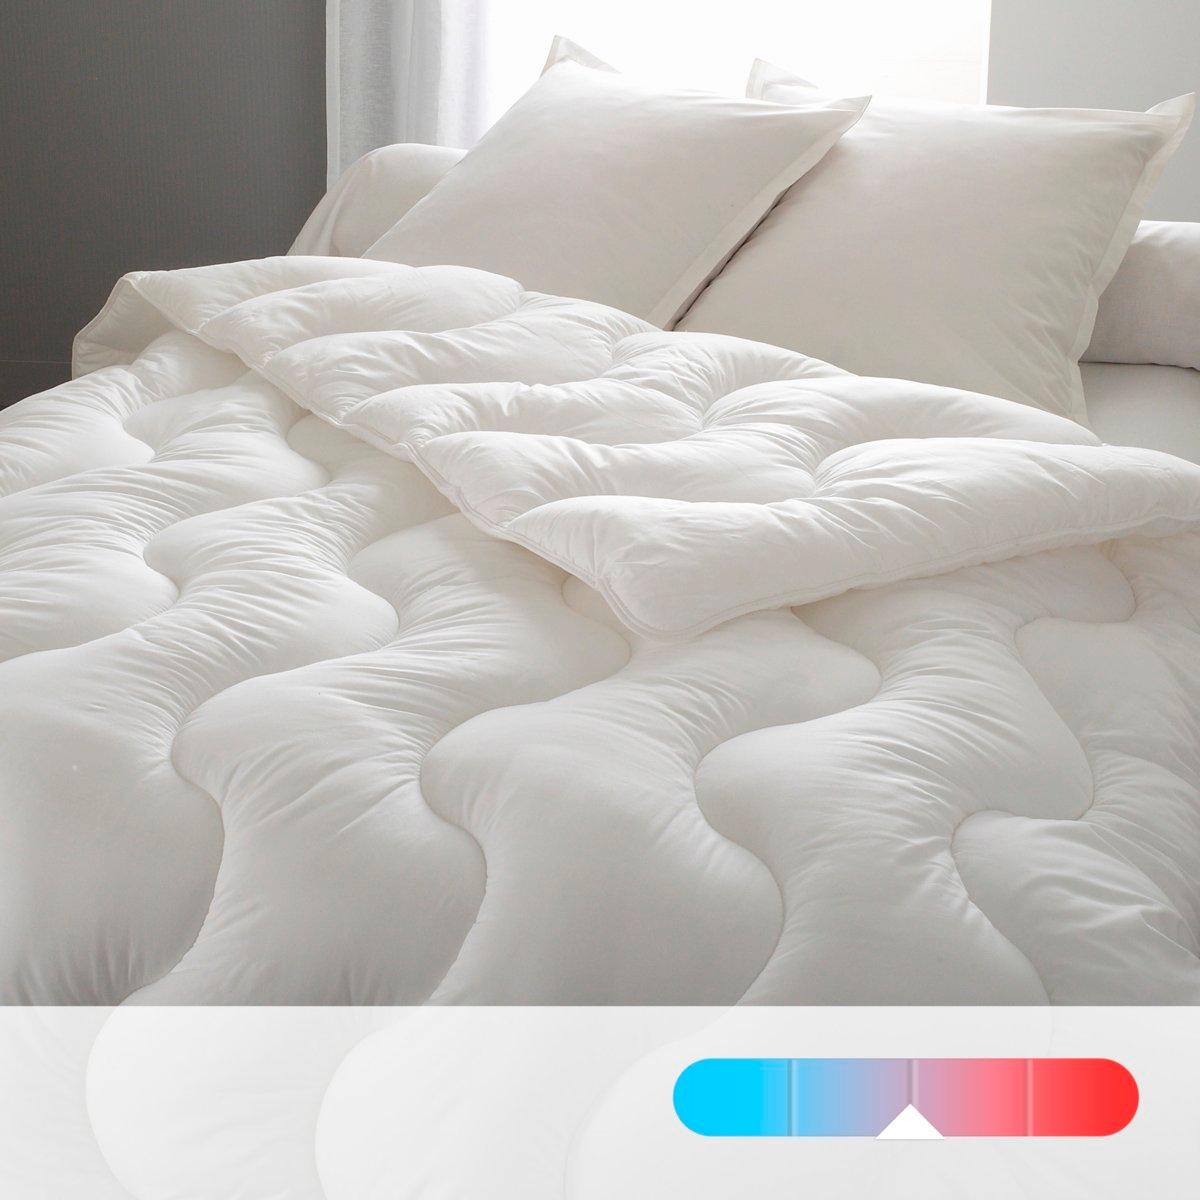 Одеяло синтетическое 400 г/м2 с обработкой Proneem одеяло экологичное с обработкой против клещей proneem специально для летнего использования